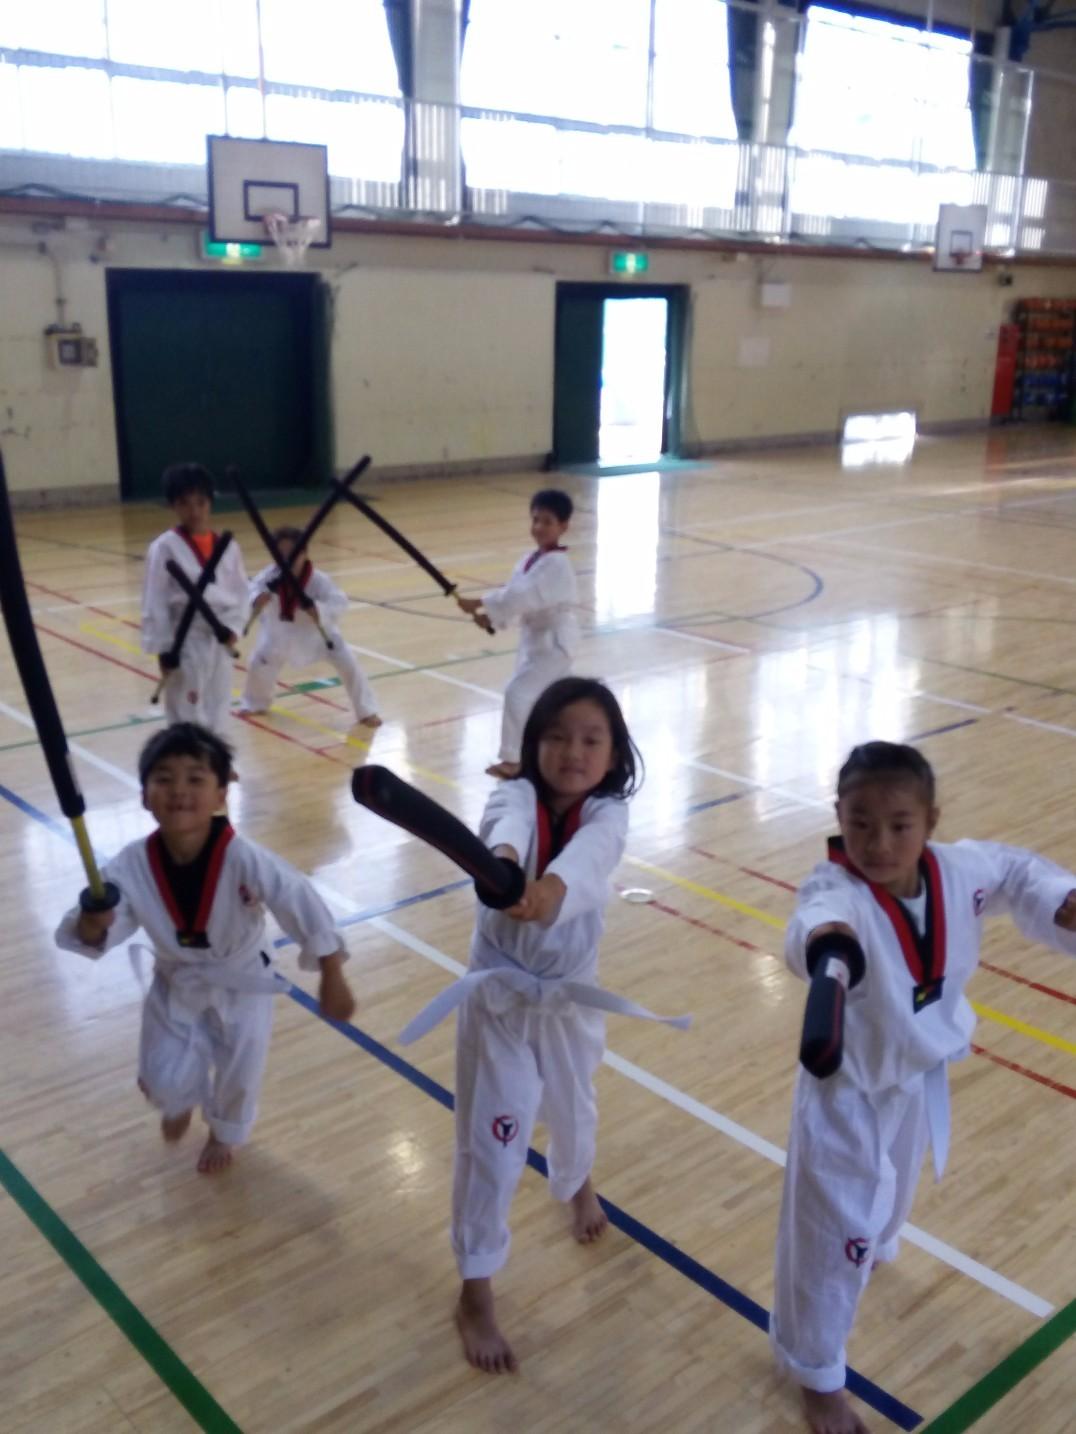 世田谷の運動クラブ!外遊び、かけっこ、忍者修行のゴーワイルド 三宿小学校忍者養成所とフラッグフットボール